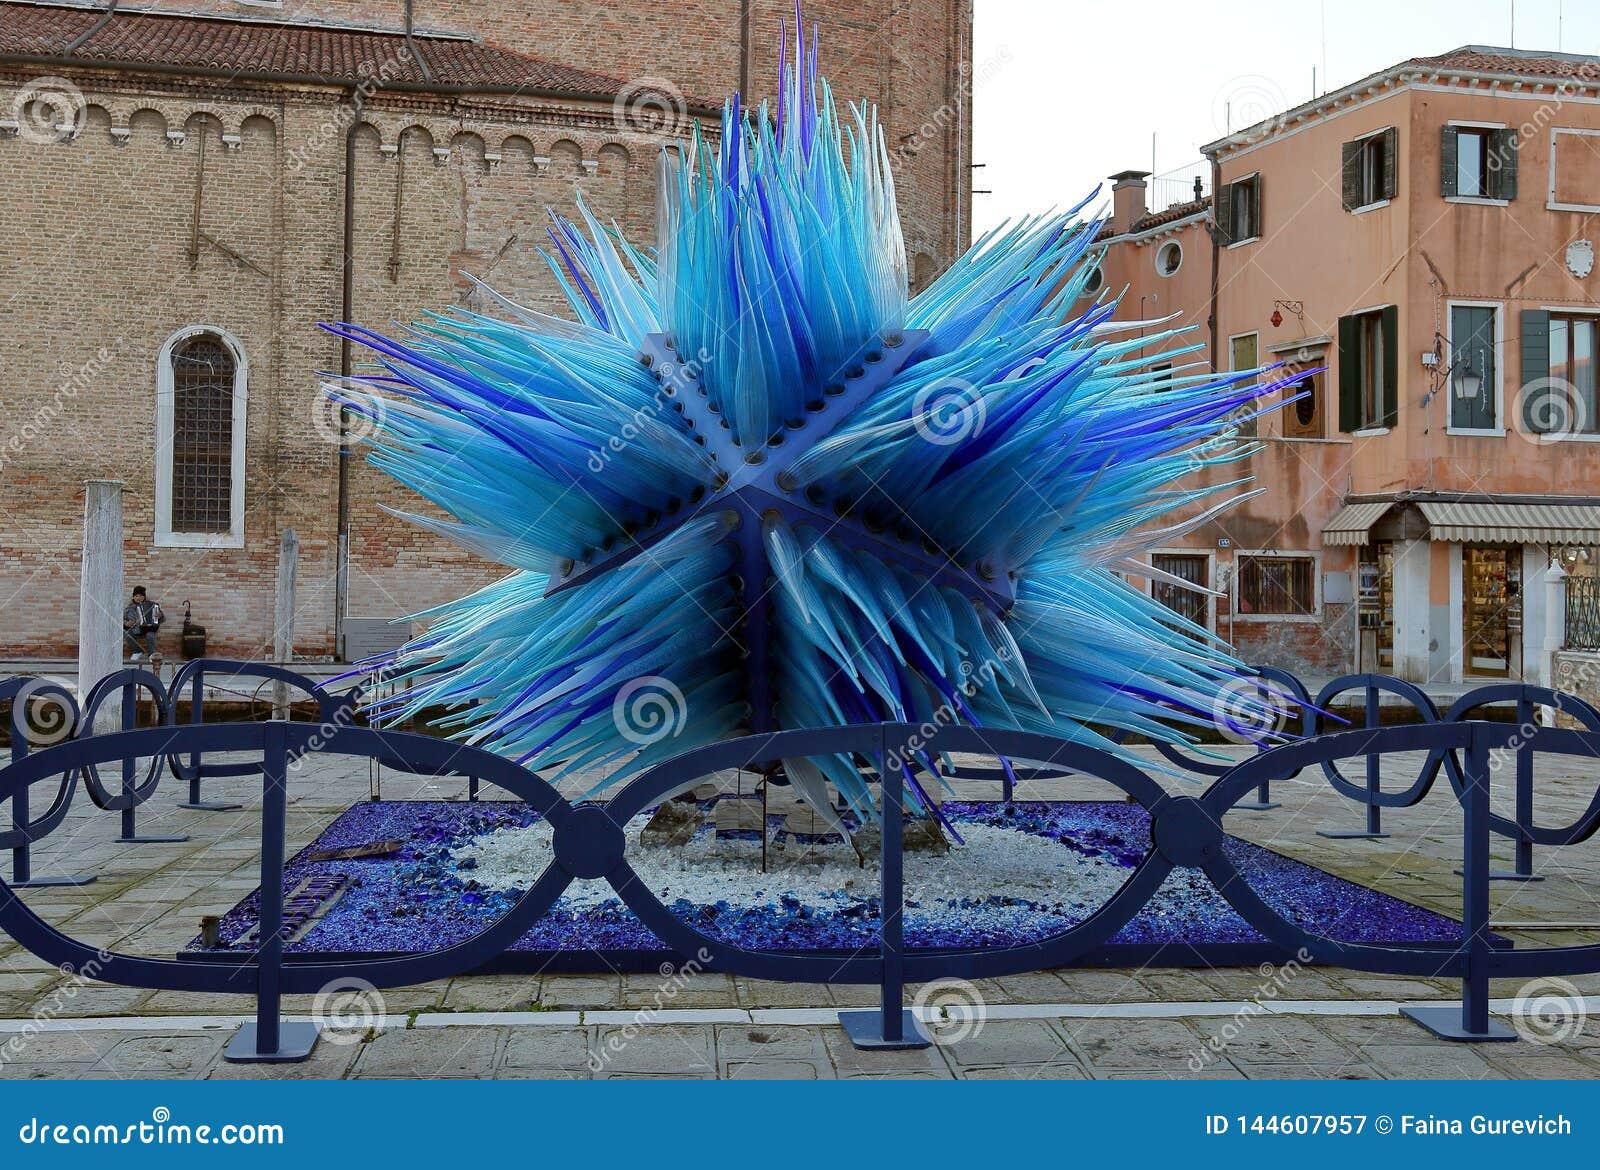 Blaue Skulptur Gemacht Von Murano Glas Auf Murano Insel Redaktionelles Stockfotografie Bild Von Glas Gemacht 144607957